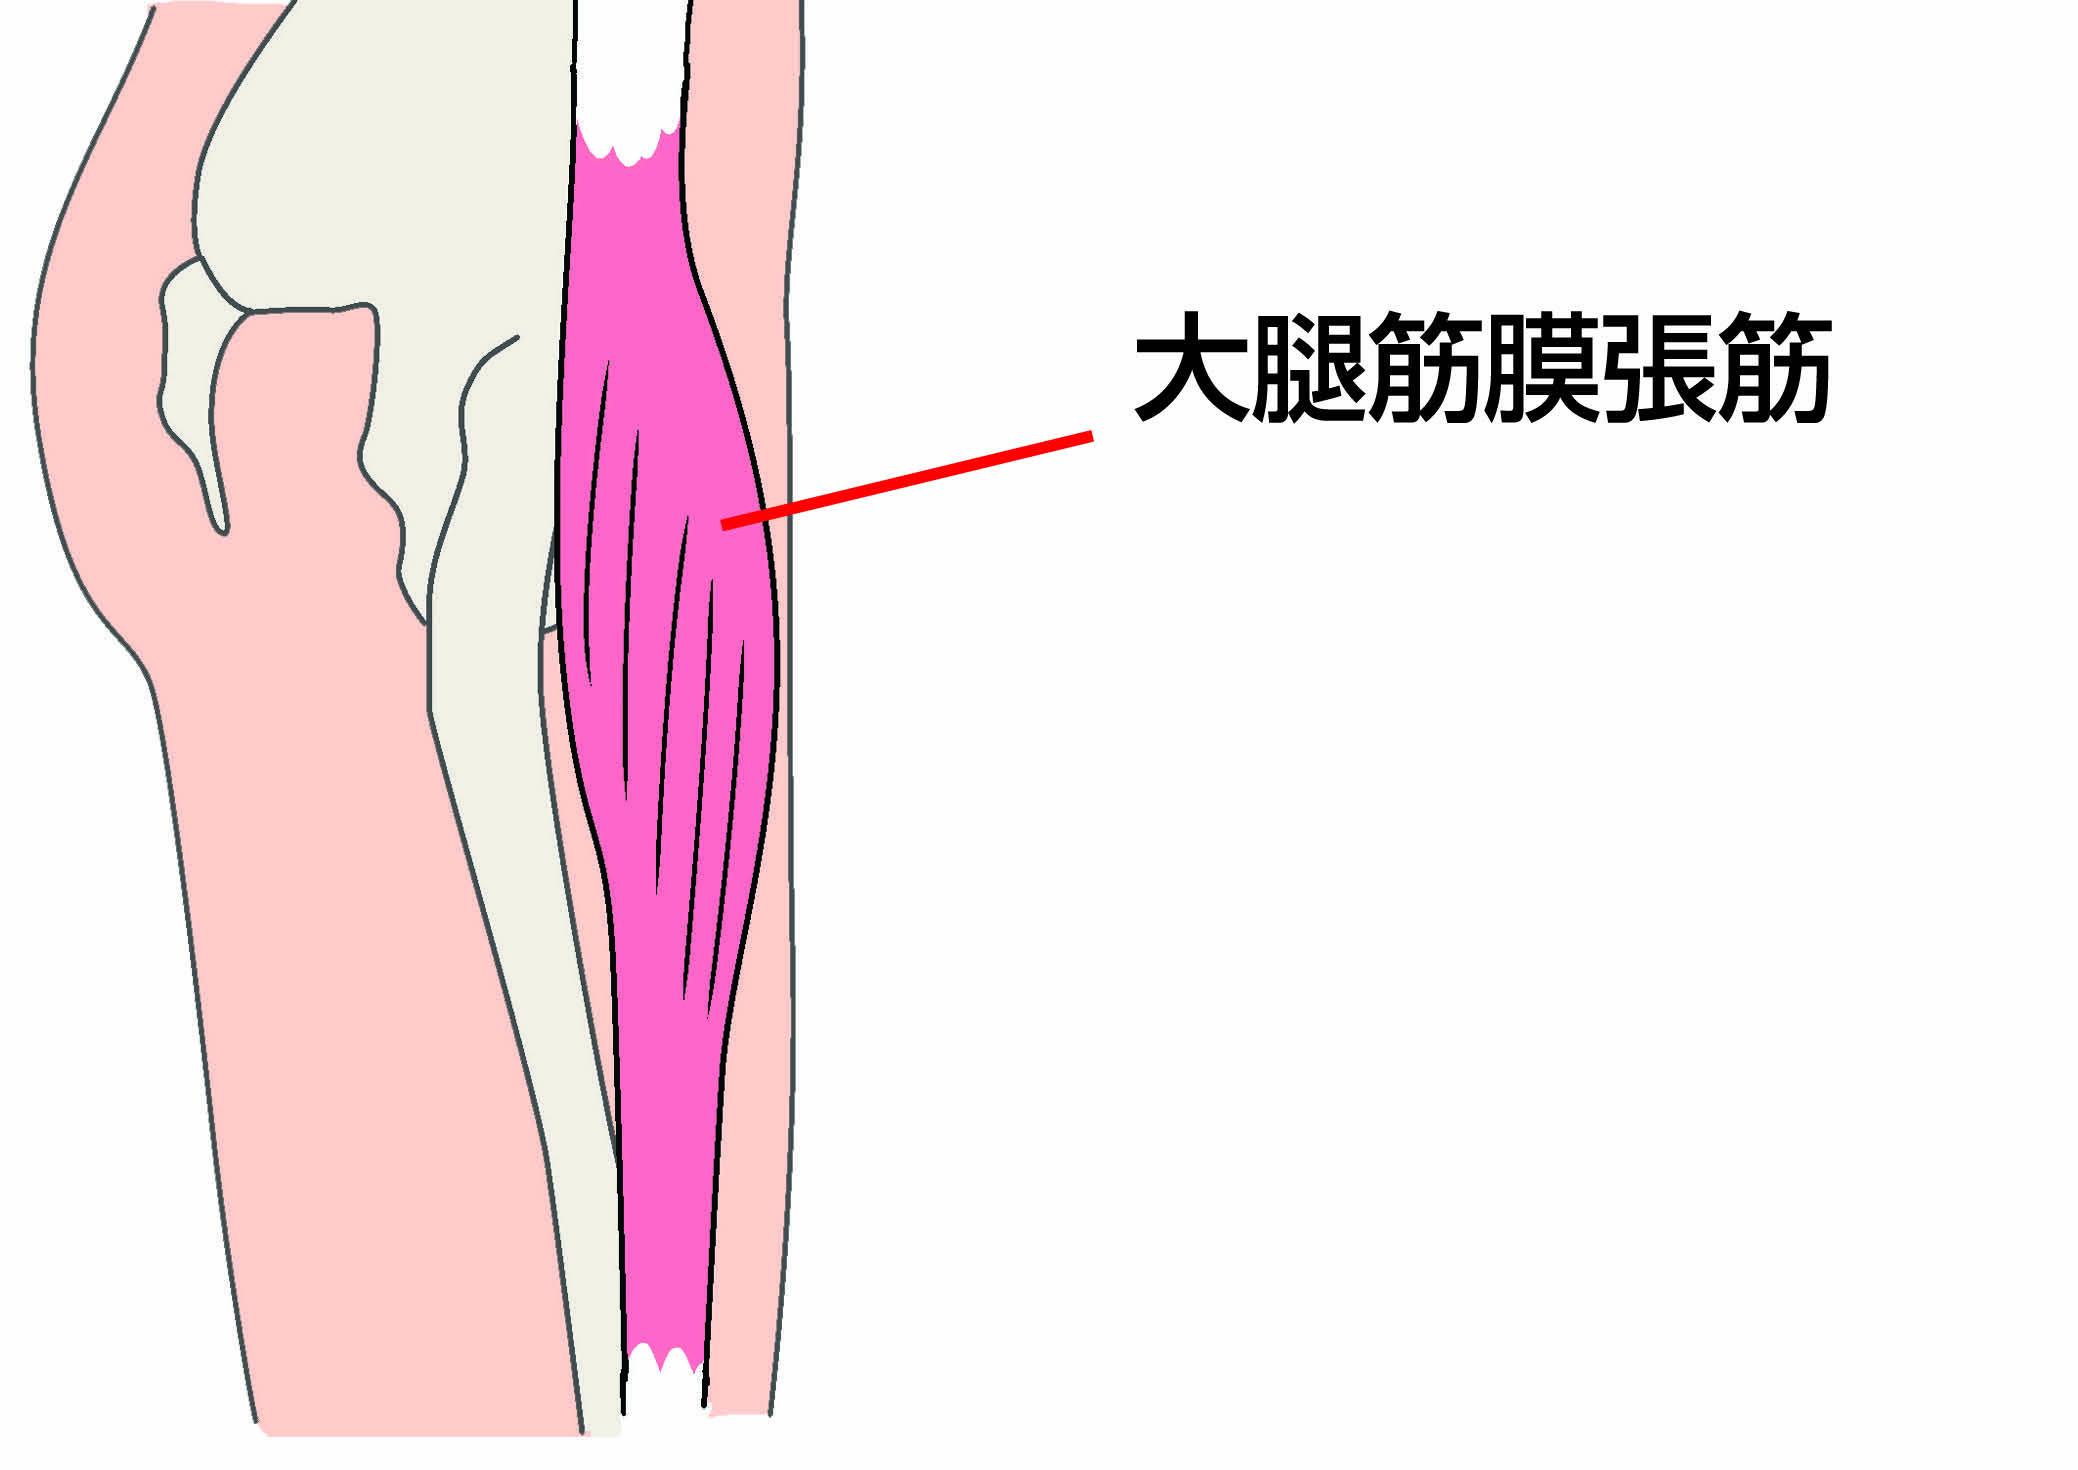 大腿筋.jpg